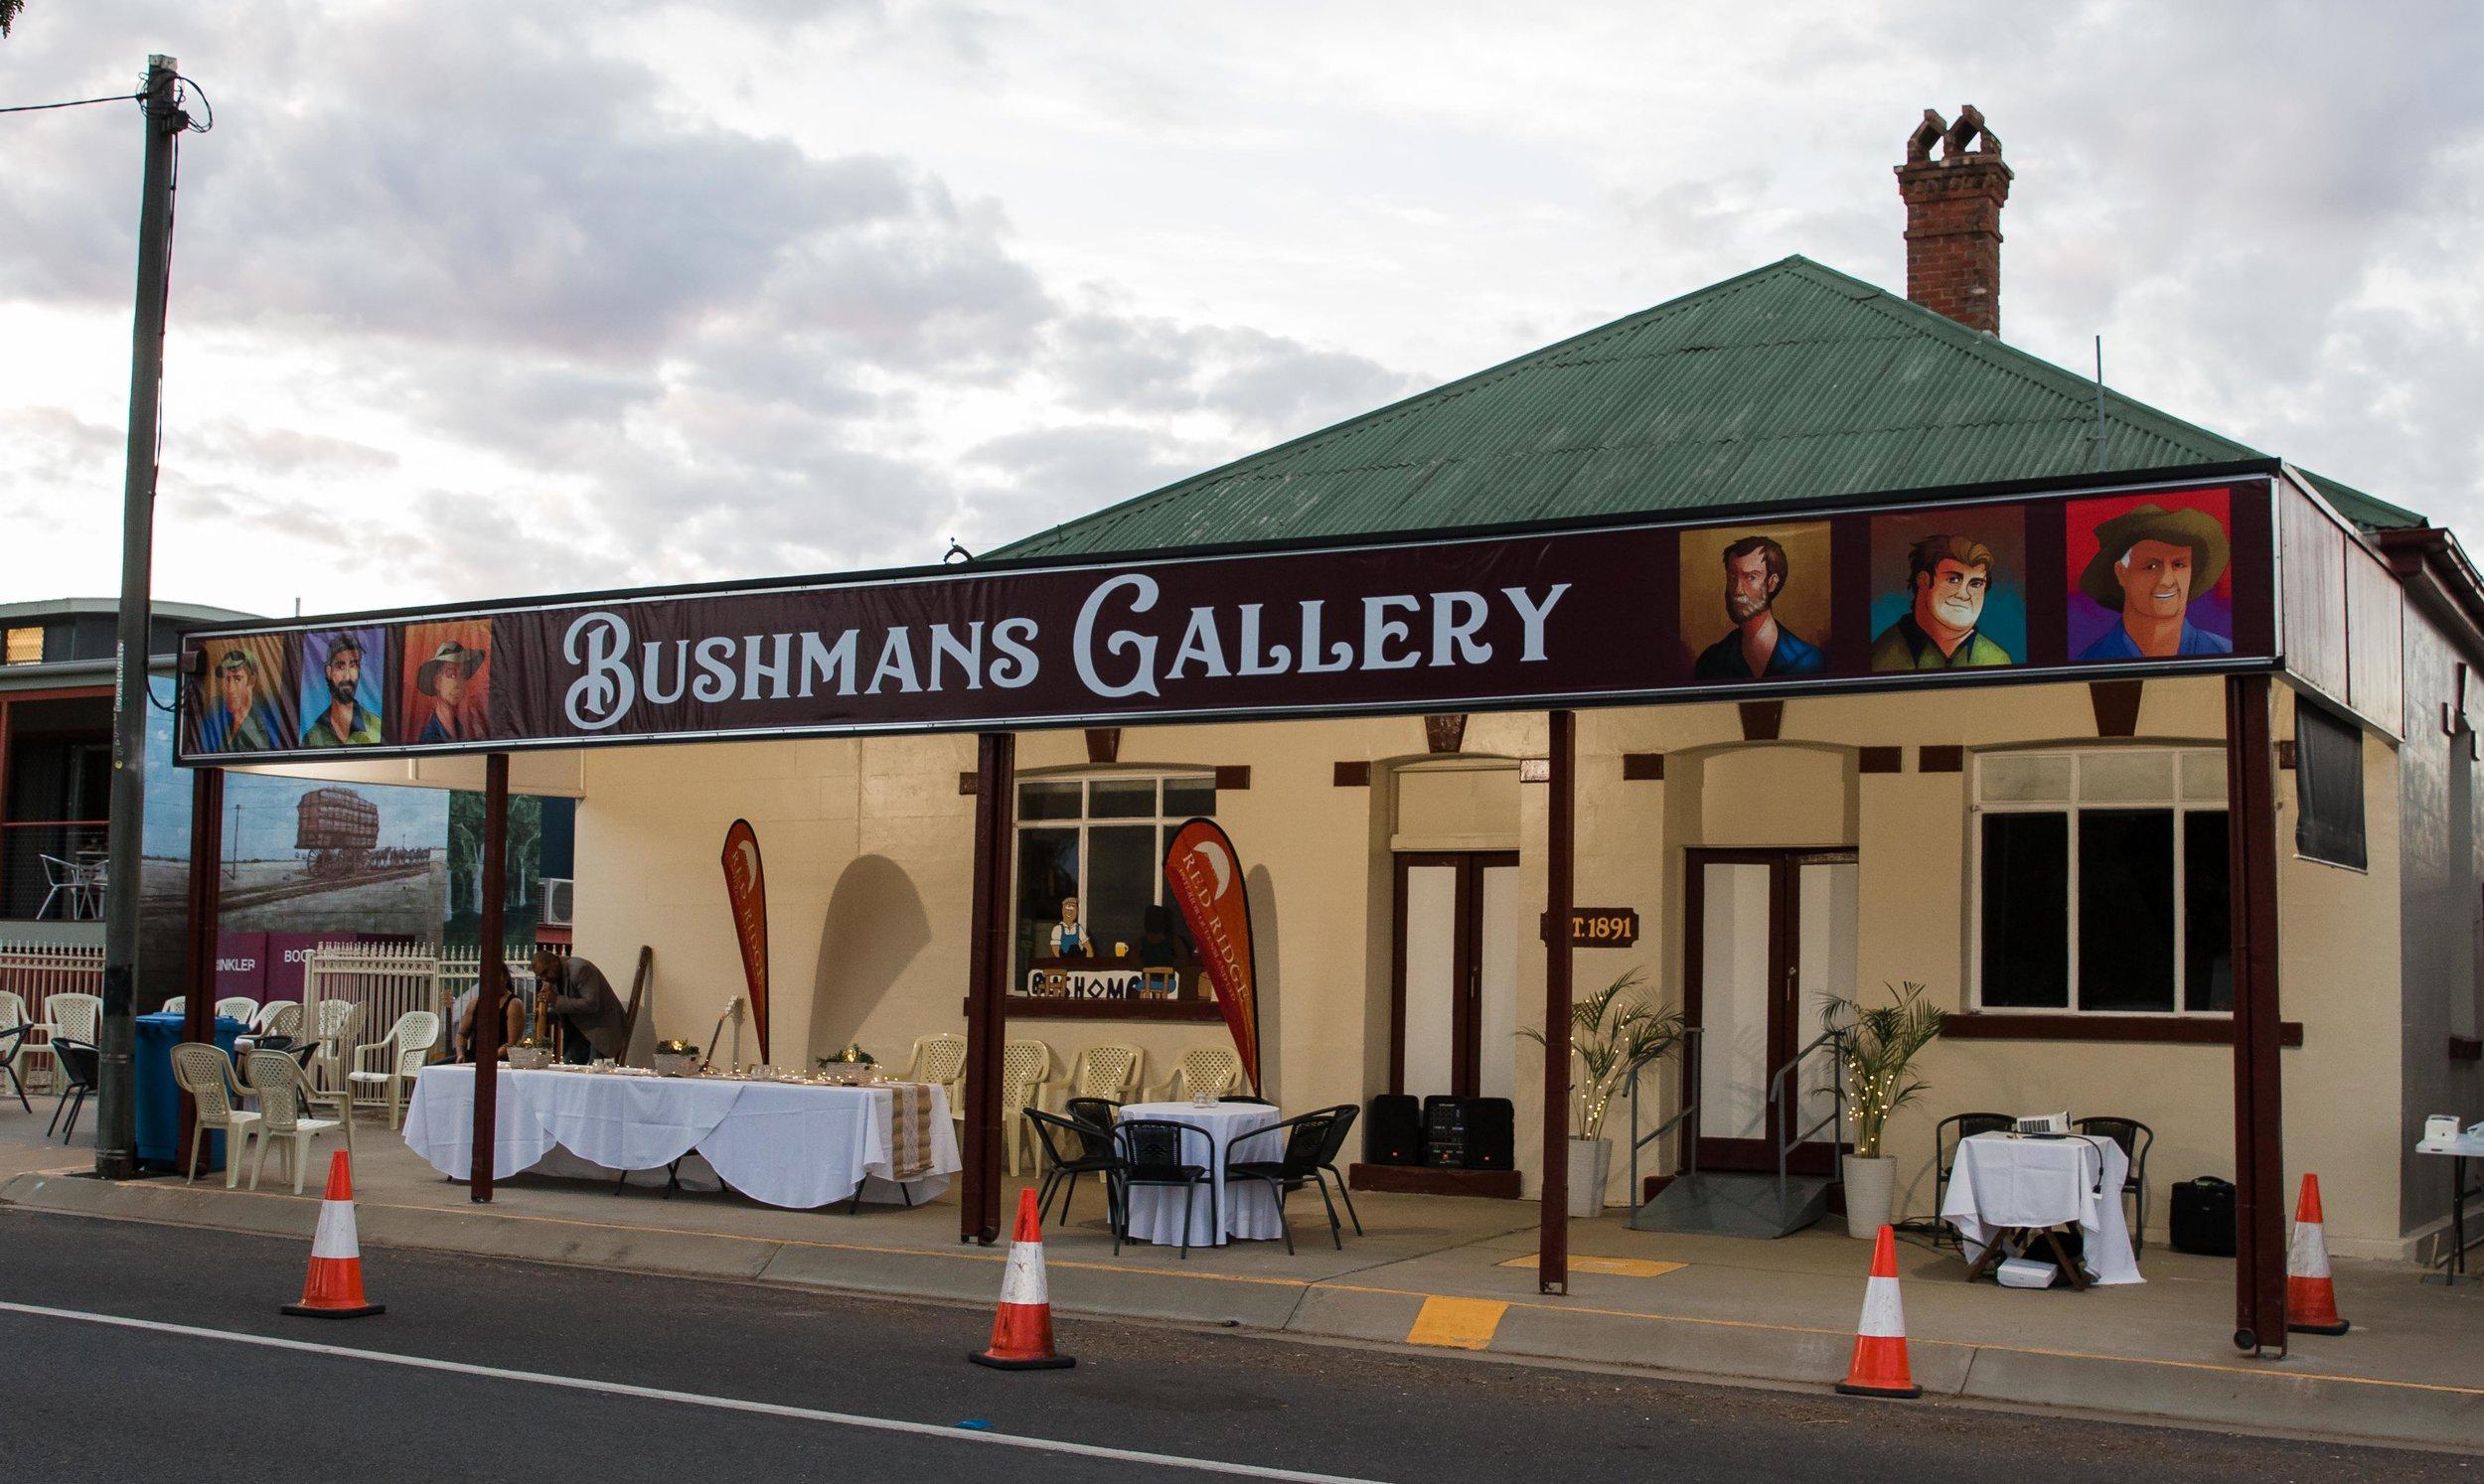 Bushmans Gallery in the Bushmans Hotel, Blackall